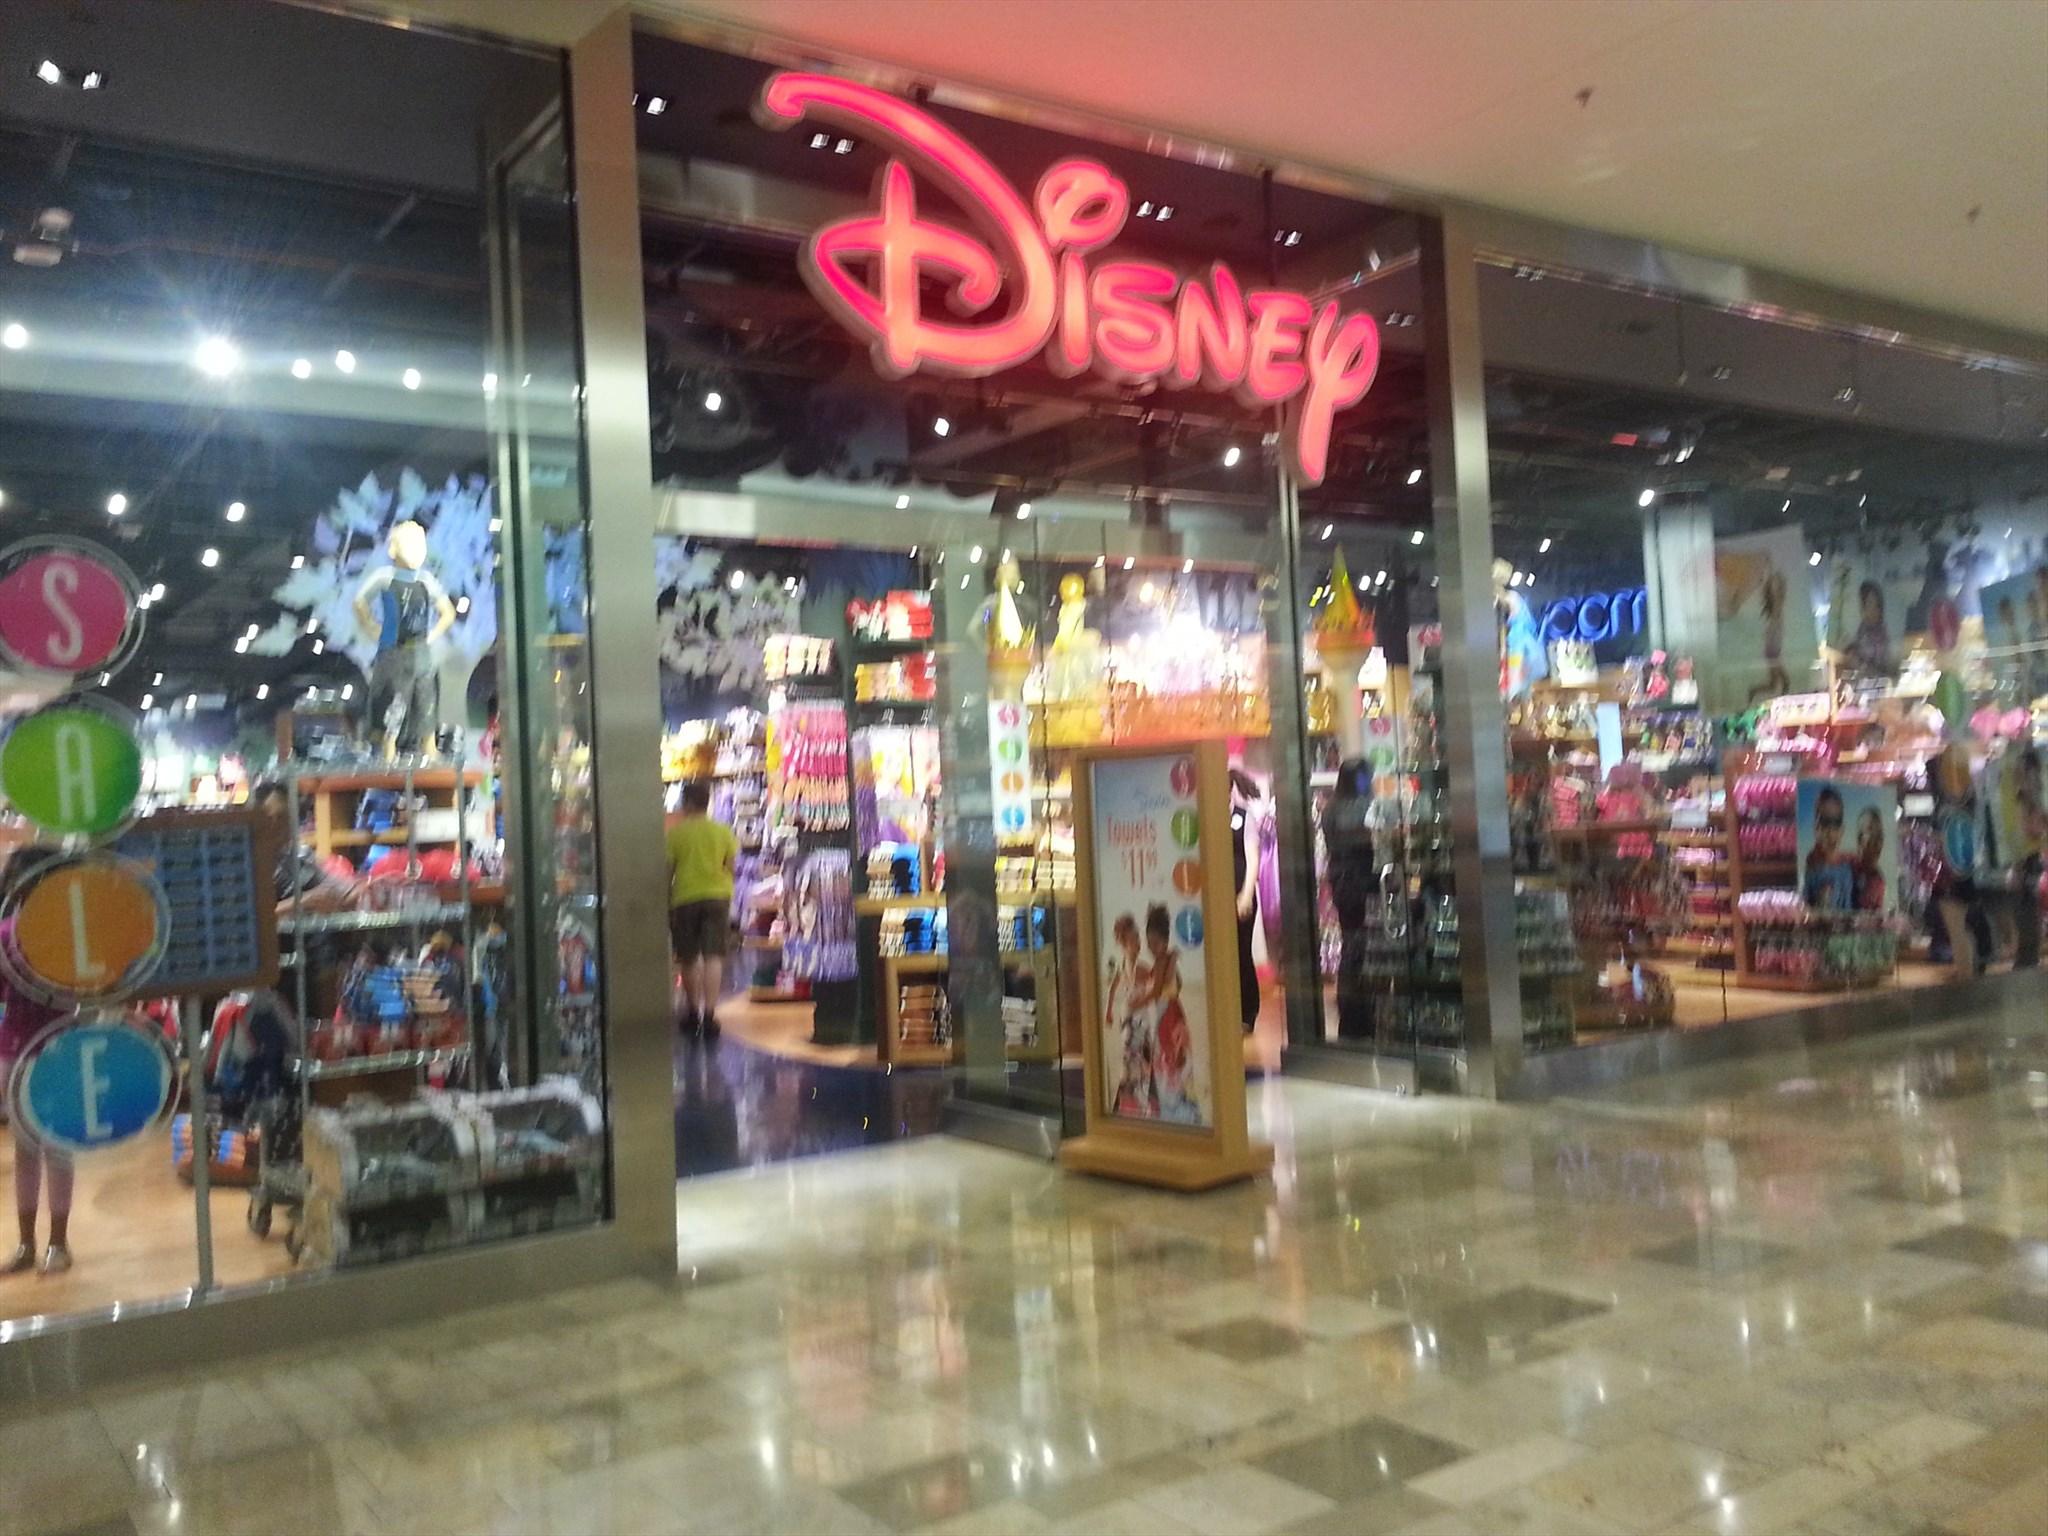 Disney , Fashion Show Mall , Las Vegas, NV Image